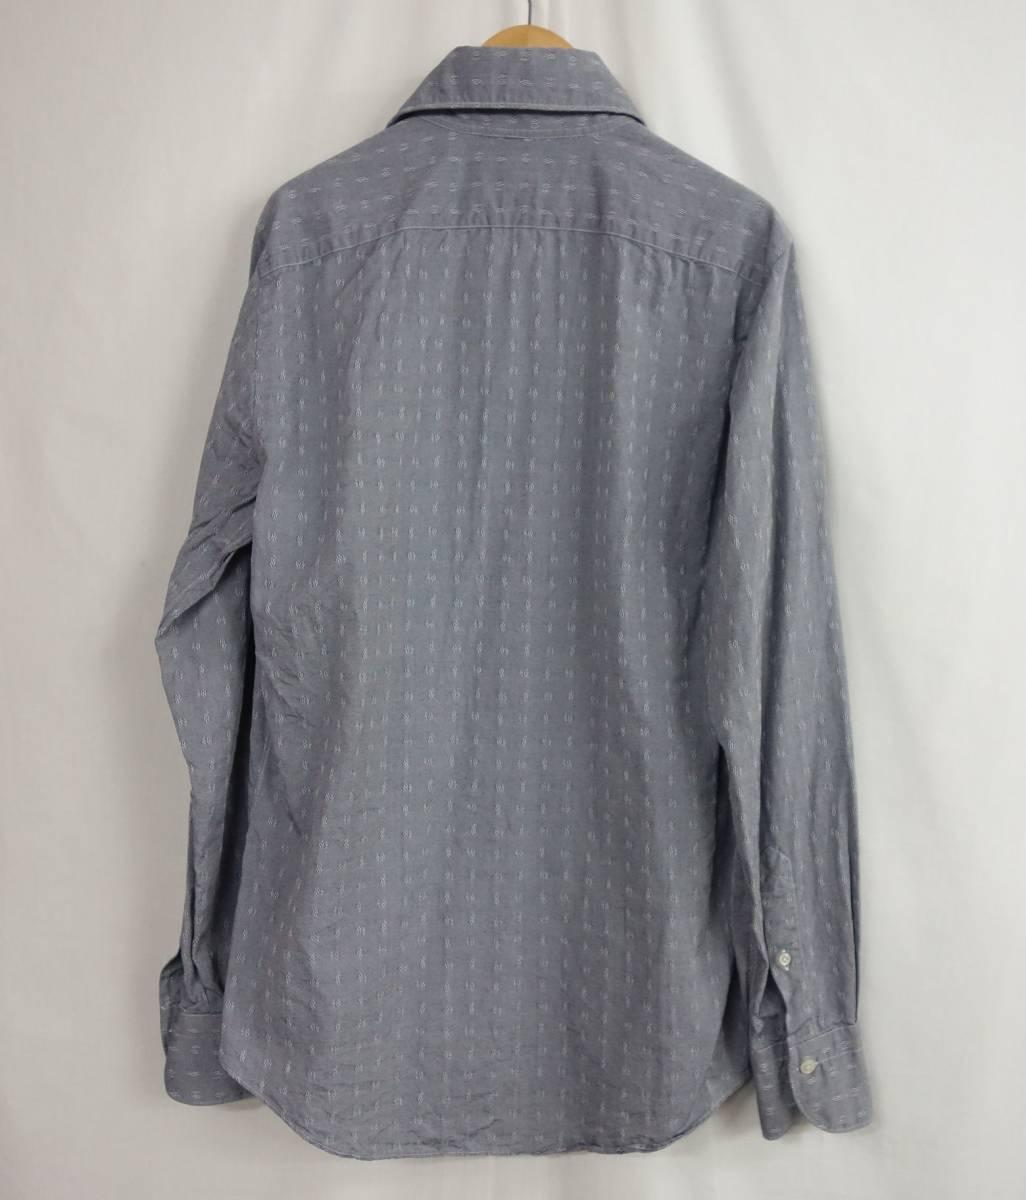 美品 Finamore フィナモレ ホリゾンタルカラー 織り柄 カッタウェイシャツ グレー 39 メンズ M位 春物 イタリア製_画像3